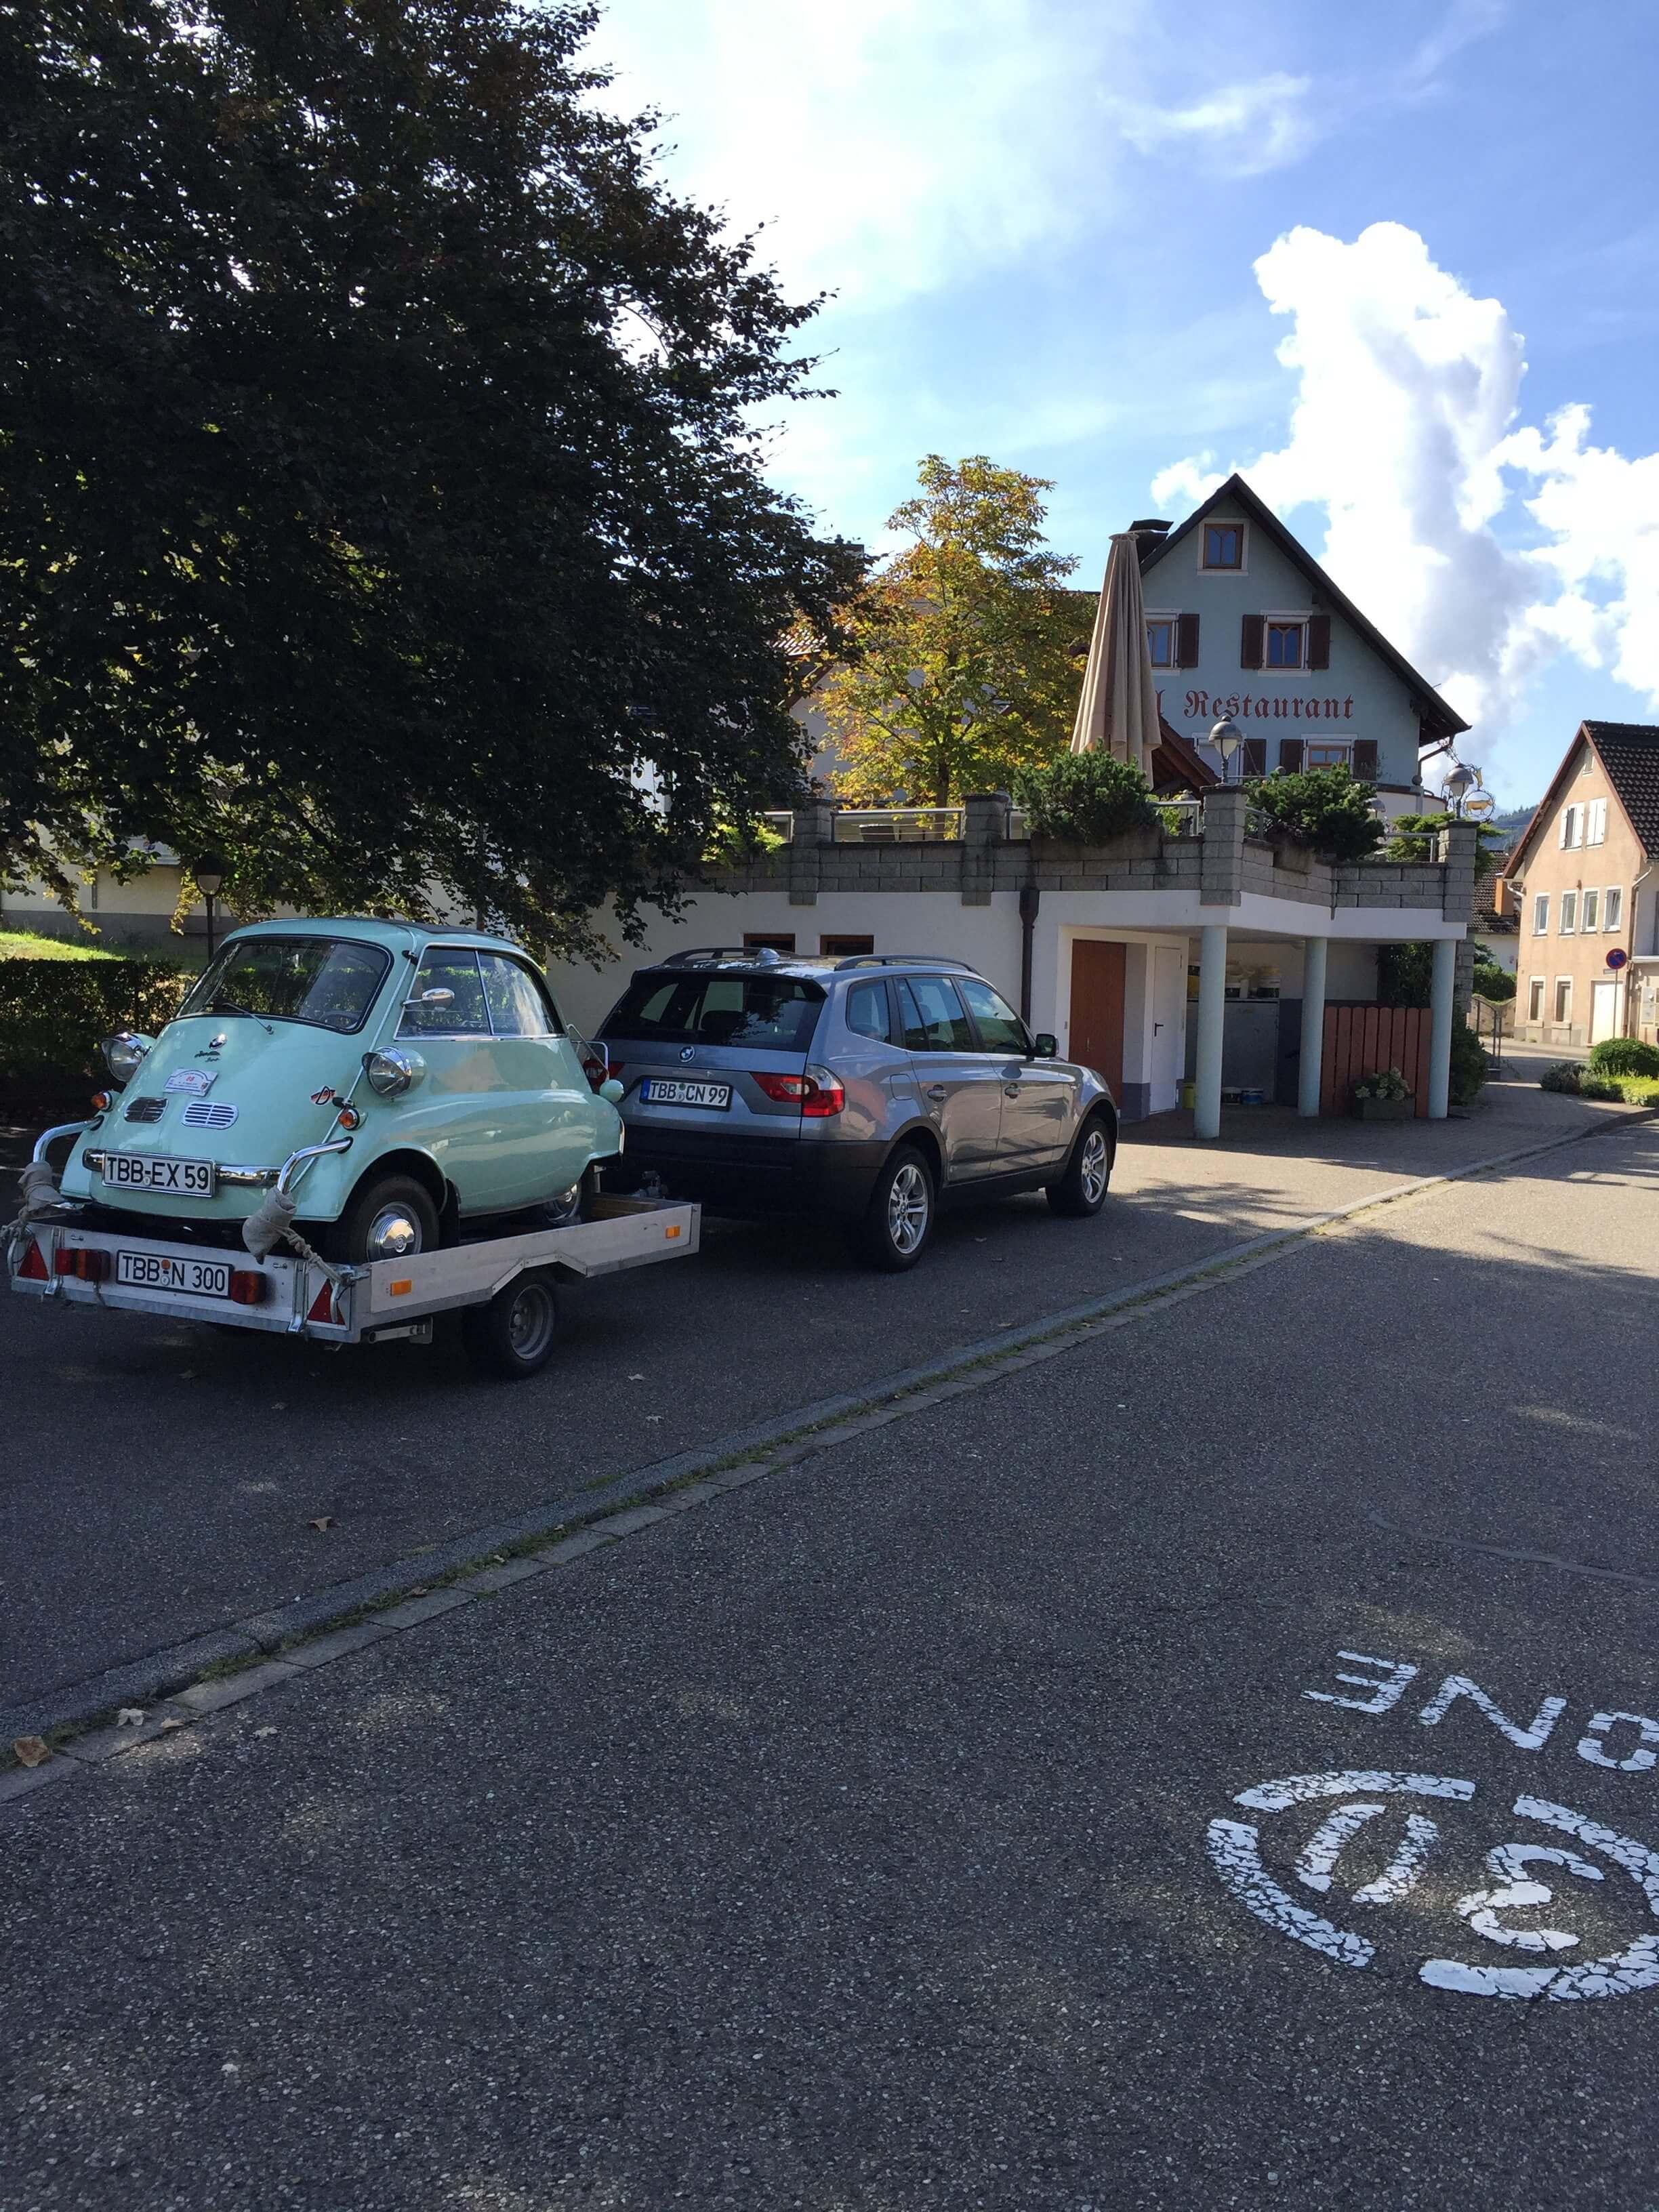 großer Parkplatz mit Hänger-Motorradfahren-Schwarzwald-Elsass-Hotel-Pension-Schmieders Ochsen